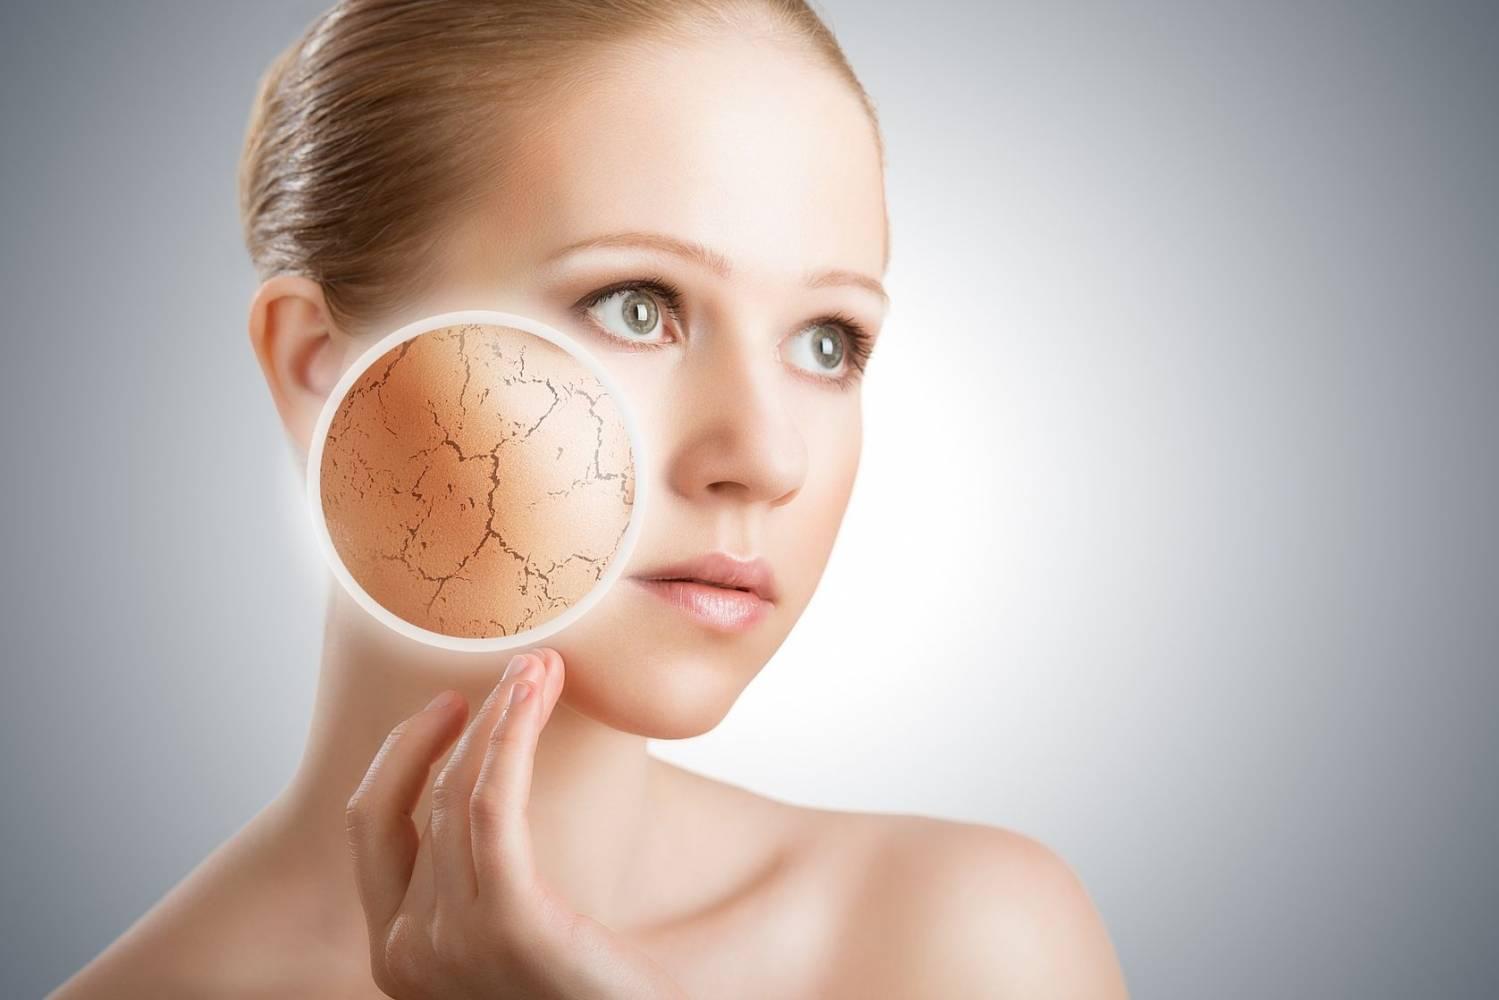 Сухая кожа лица: 5 способов увлажнить - харьковские новости Status quo